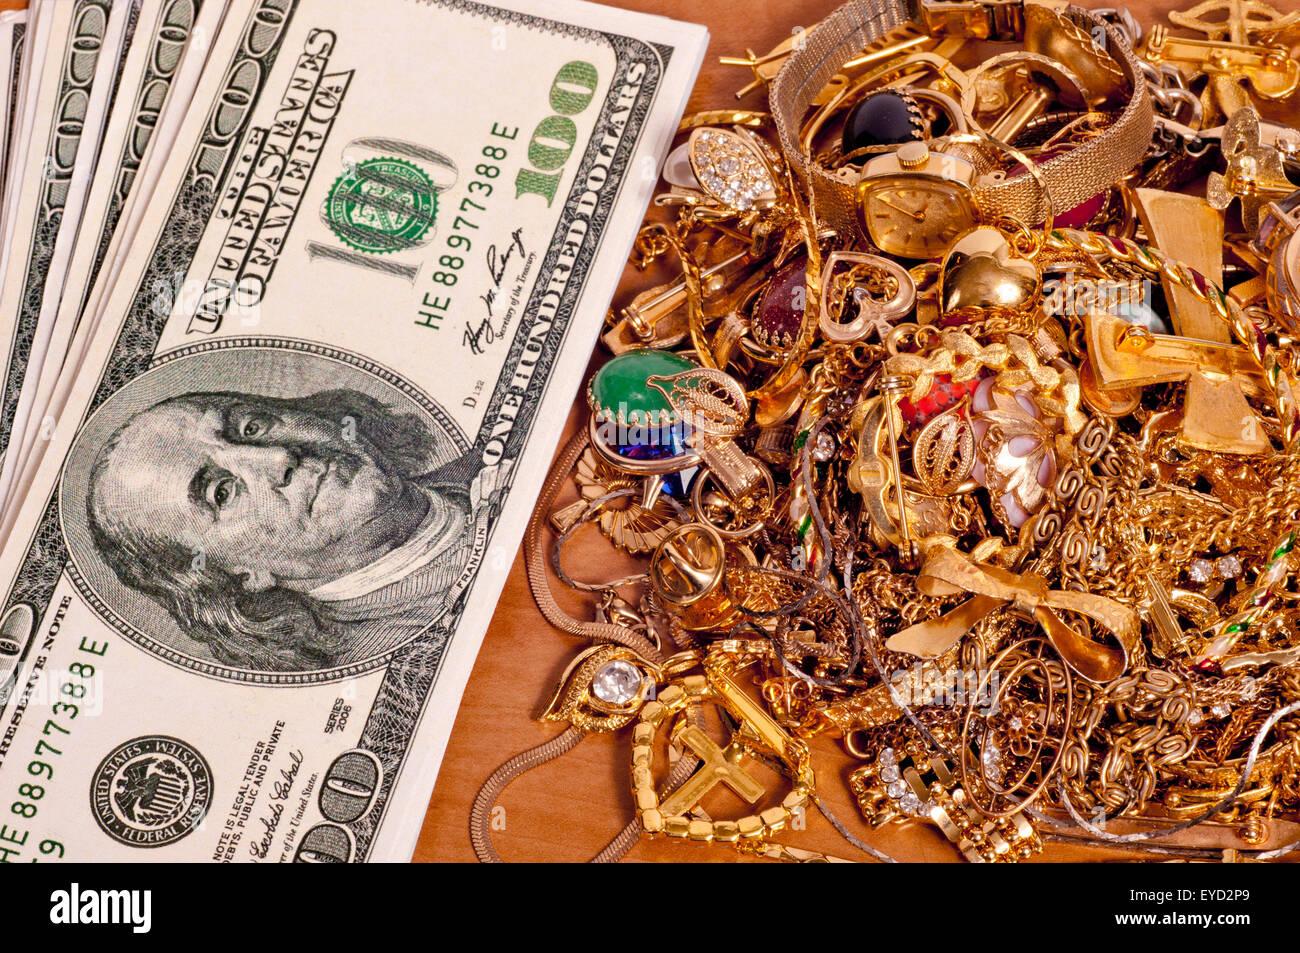 Faire de l'argent en vendant votre or indésirables et bijoux. Banque D'Images